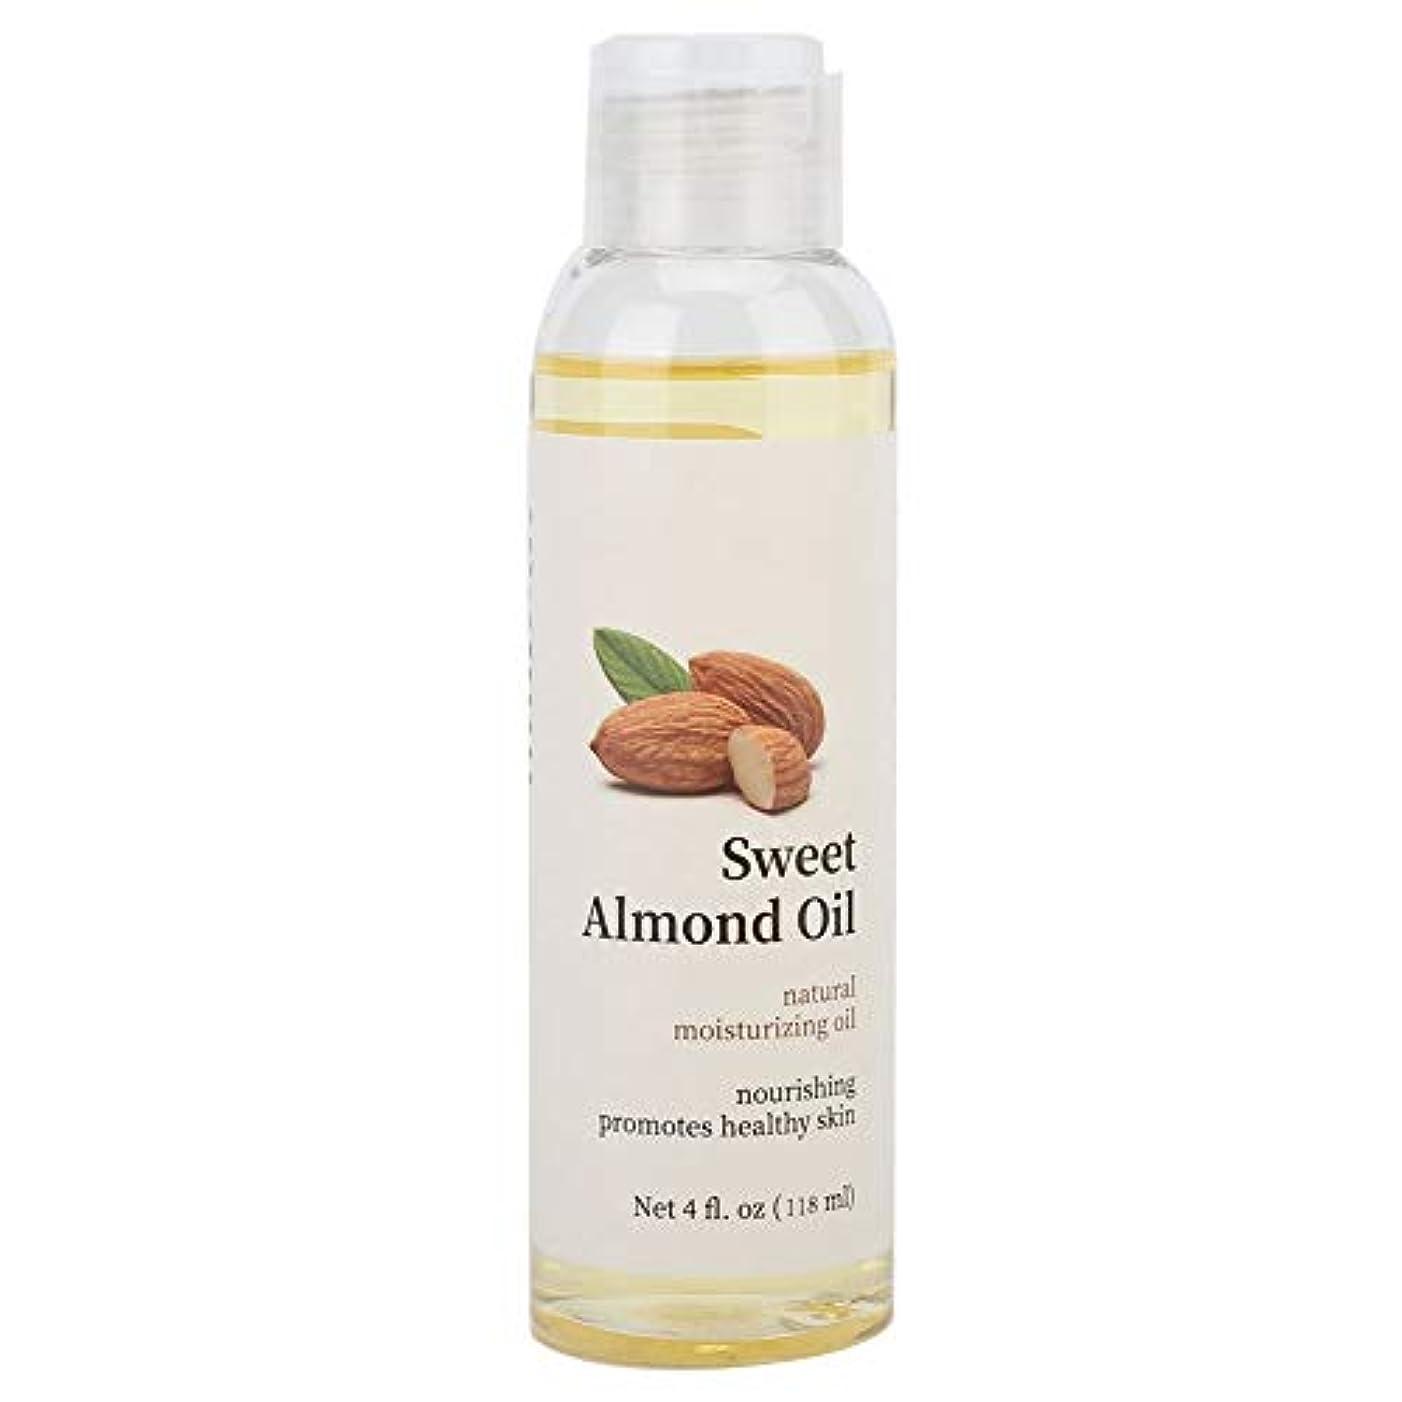 偶然ヒゲ刈り取るアーモンド ボディマッサージオイル、スキンケアエッセンシャルオイル保湿 スキンケアとヘアケアに最適、肌と顔の柔らかさ、男性と女性の両方に最適118ml